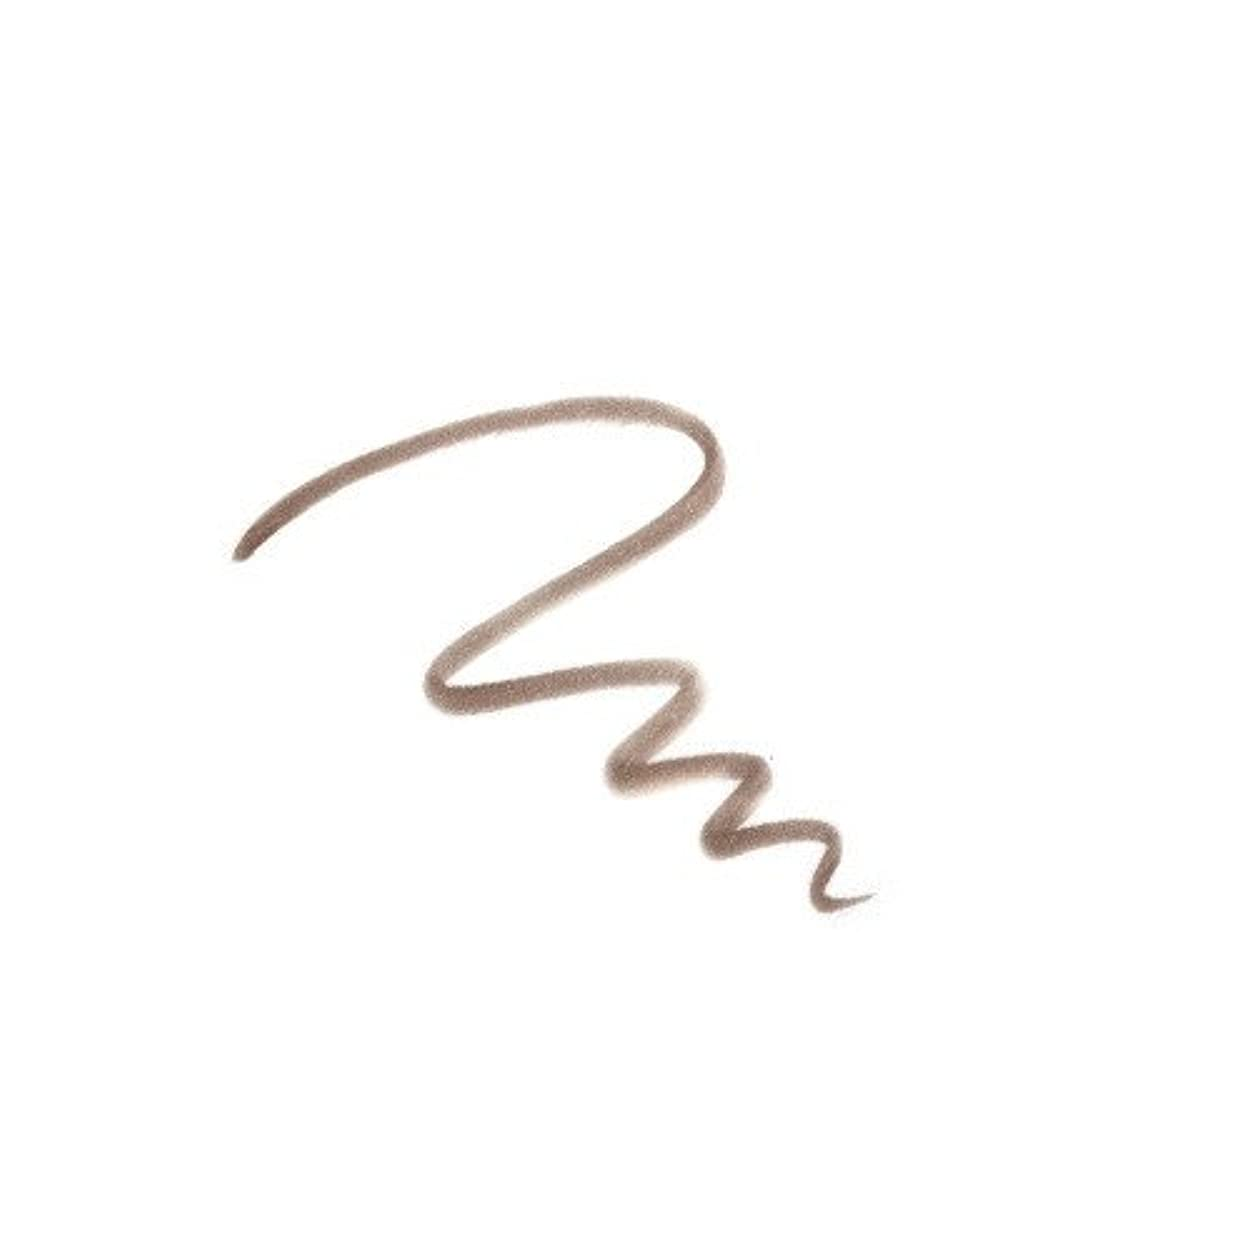 母音倉庫世界に死んだMISSHA(ミシャ) 7DAYS Tinted Eyebrow セブンデイズ ティンティッド アイブロウ マルーンブラウン